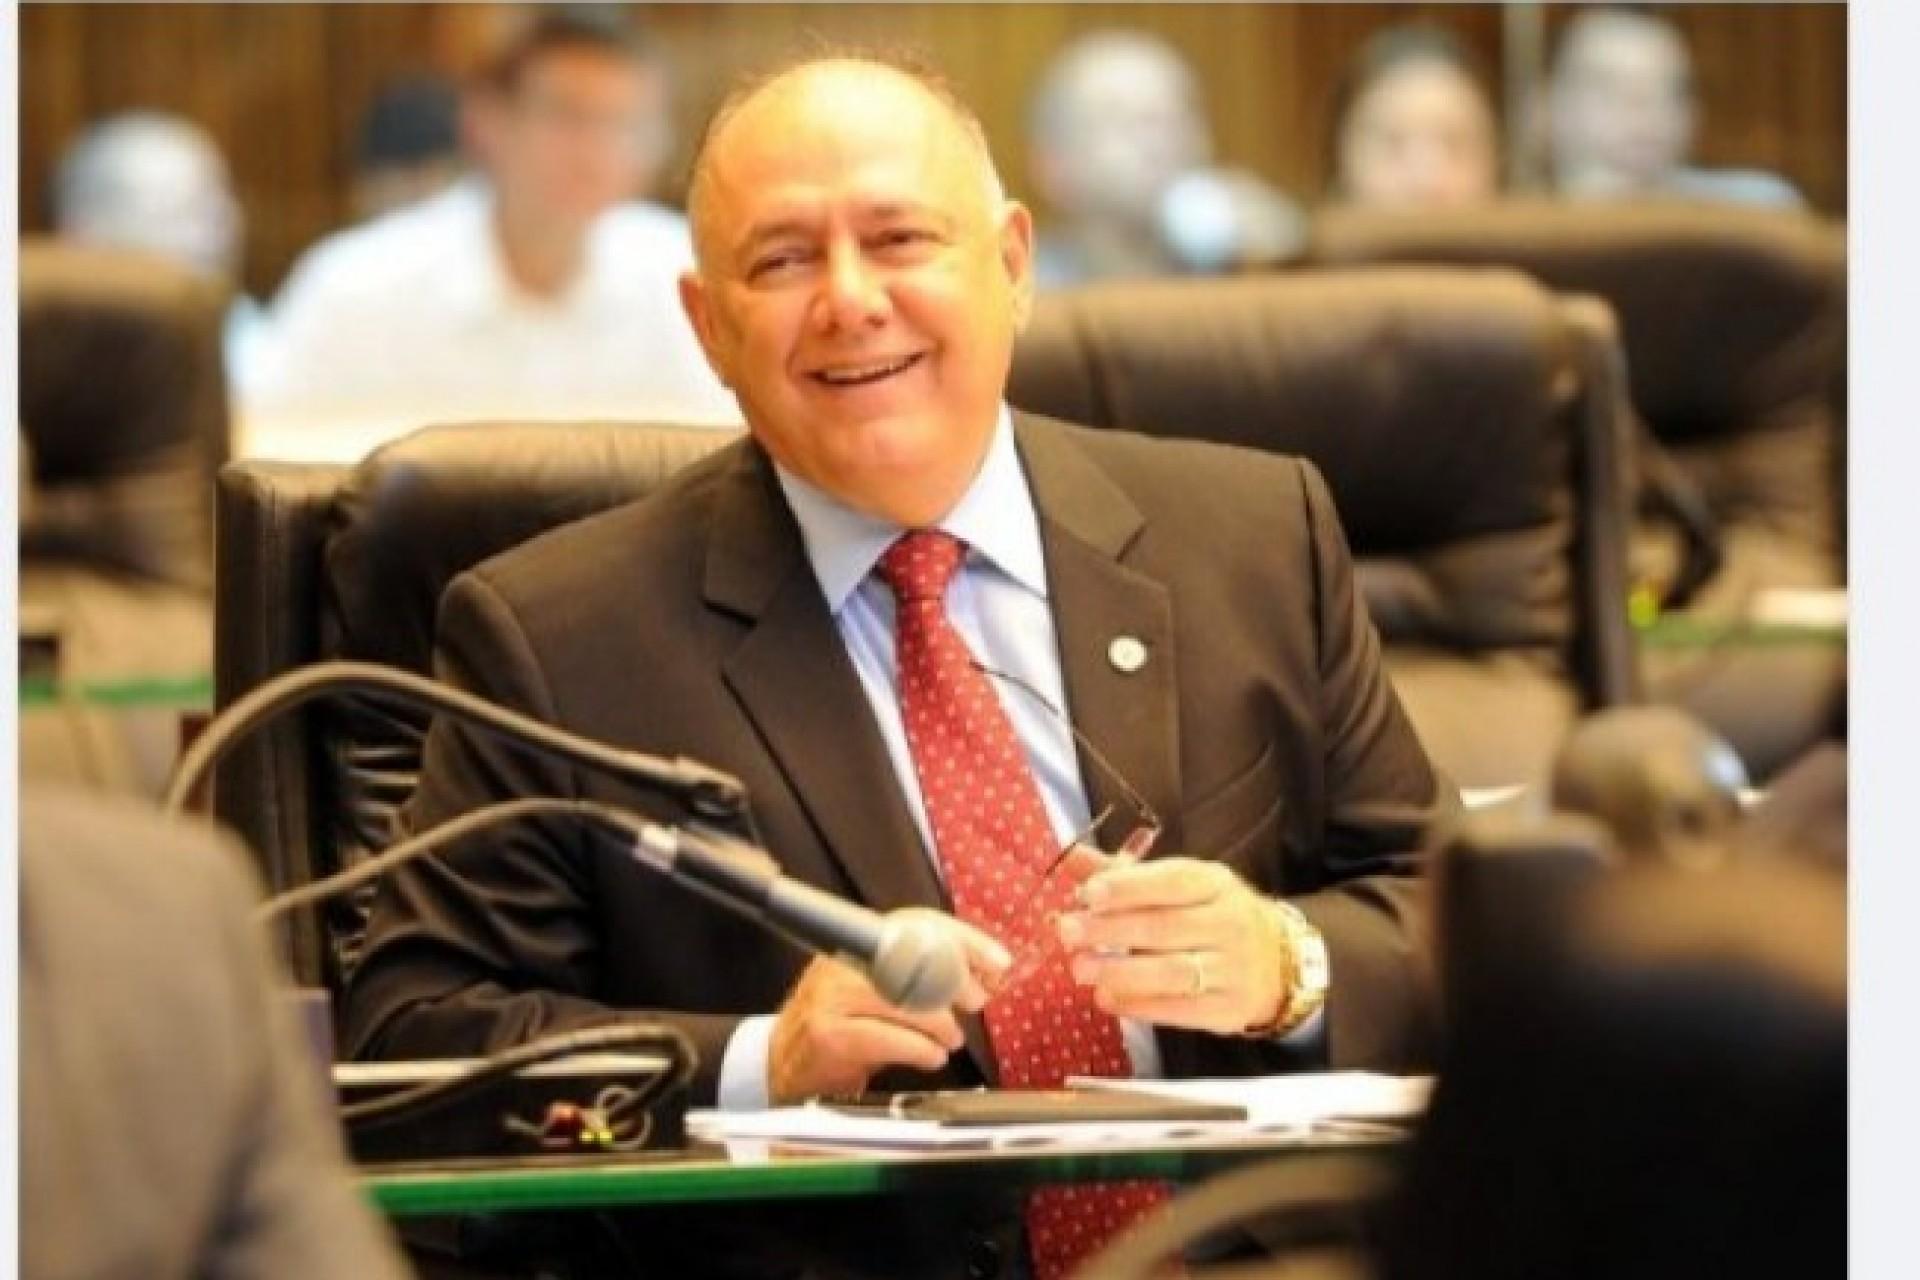 Deputado Federal e, ex-prefeito de Toledo, José Carlos Schiavinatto falece por complicações da Covid